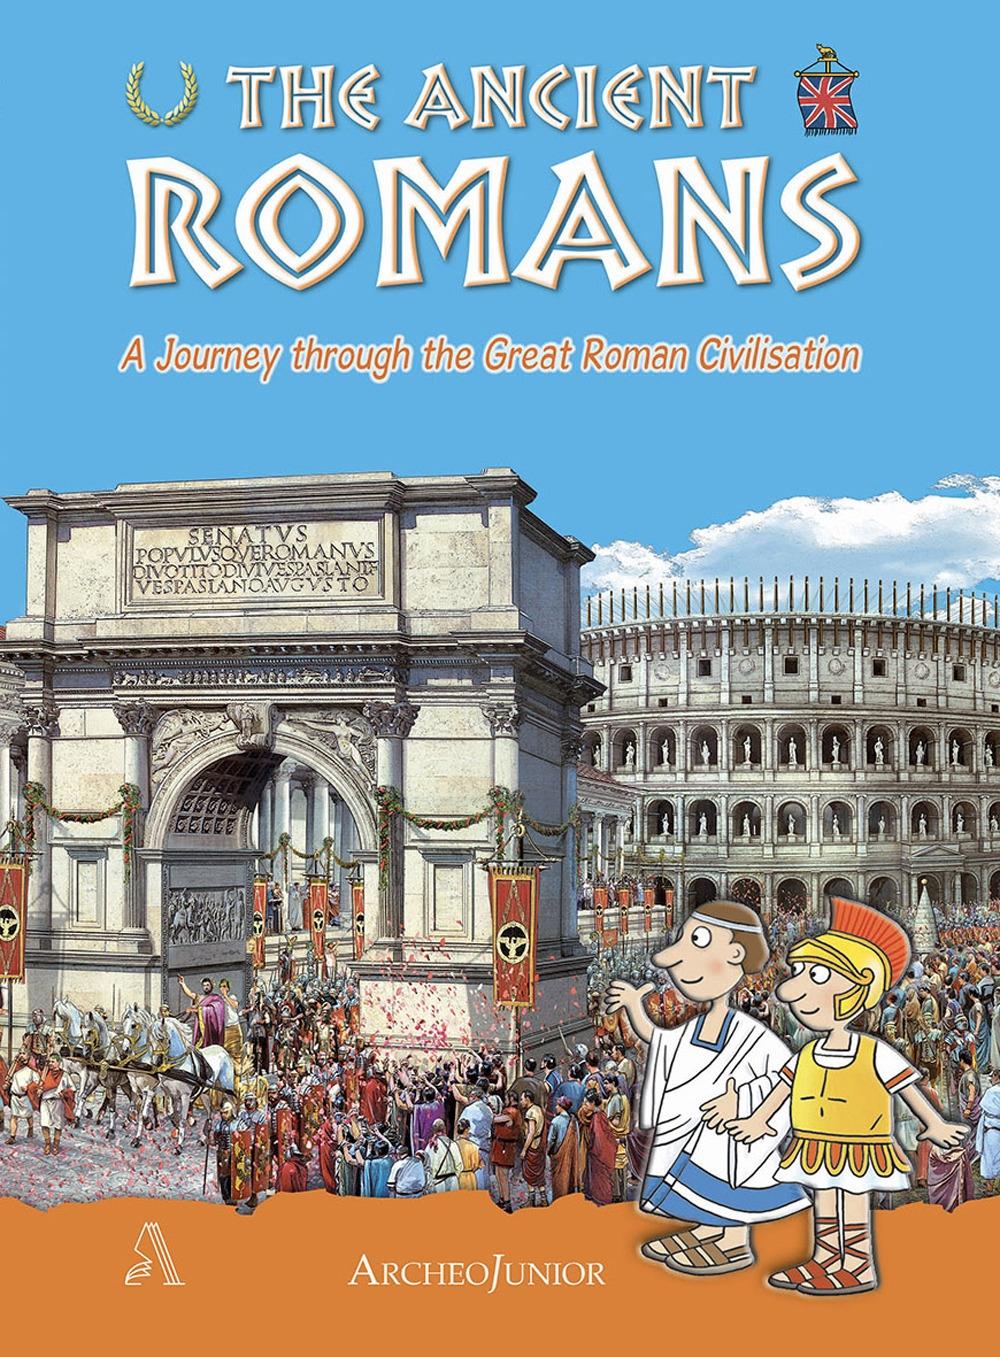 Gli antichi romani. Un viaggio nella grande civiltà romana. Ediz. inglese